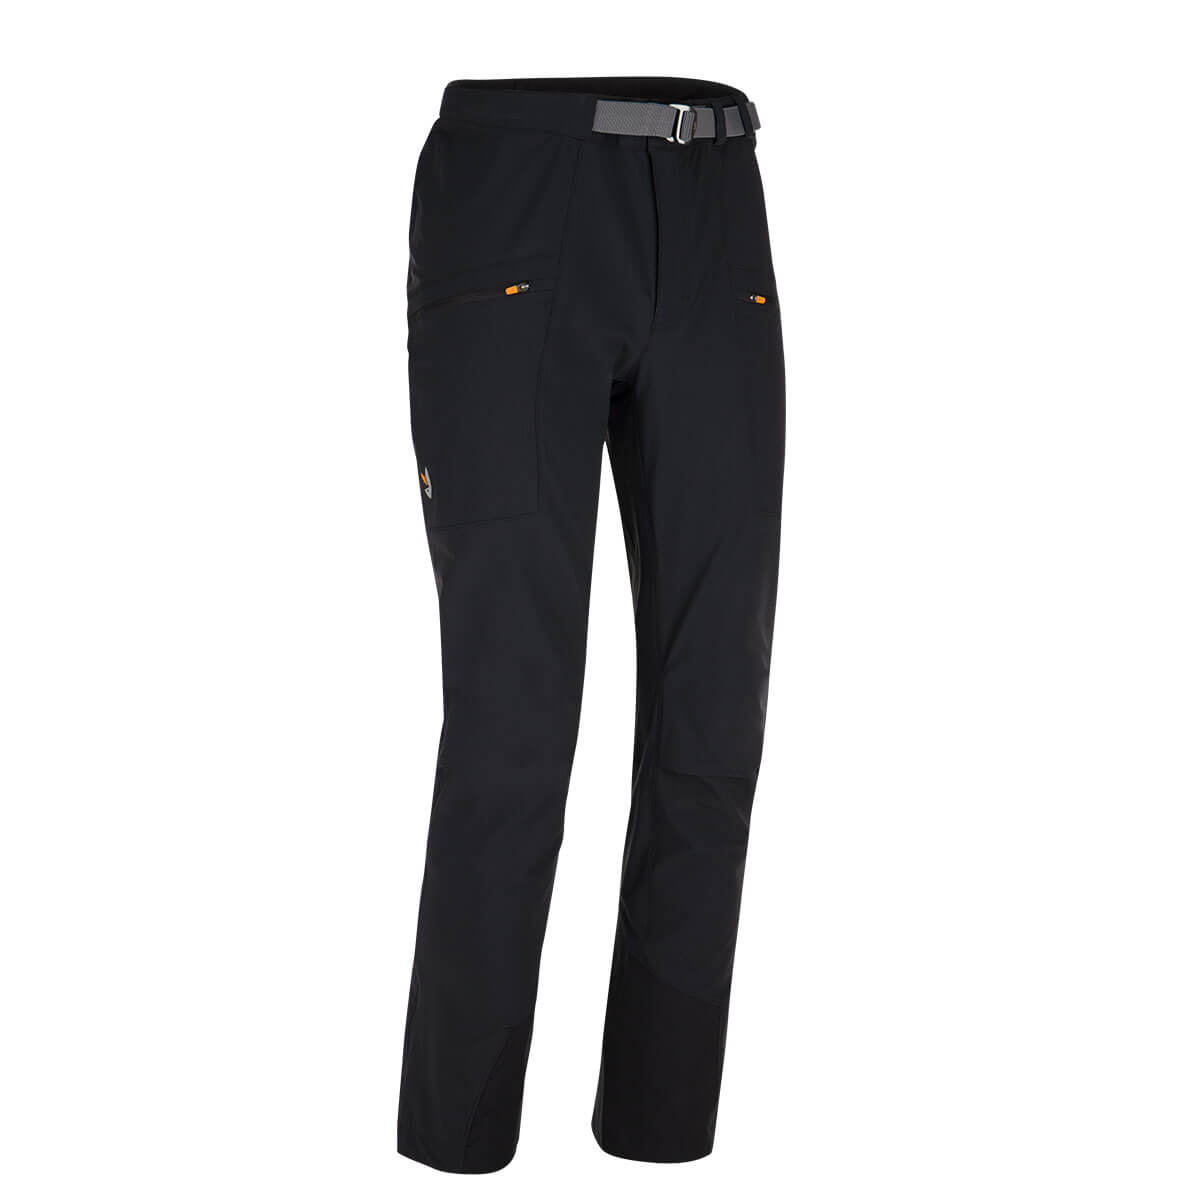 Nohavice Zajo Air LT Neo Pants Black - veľkosť S